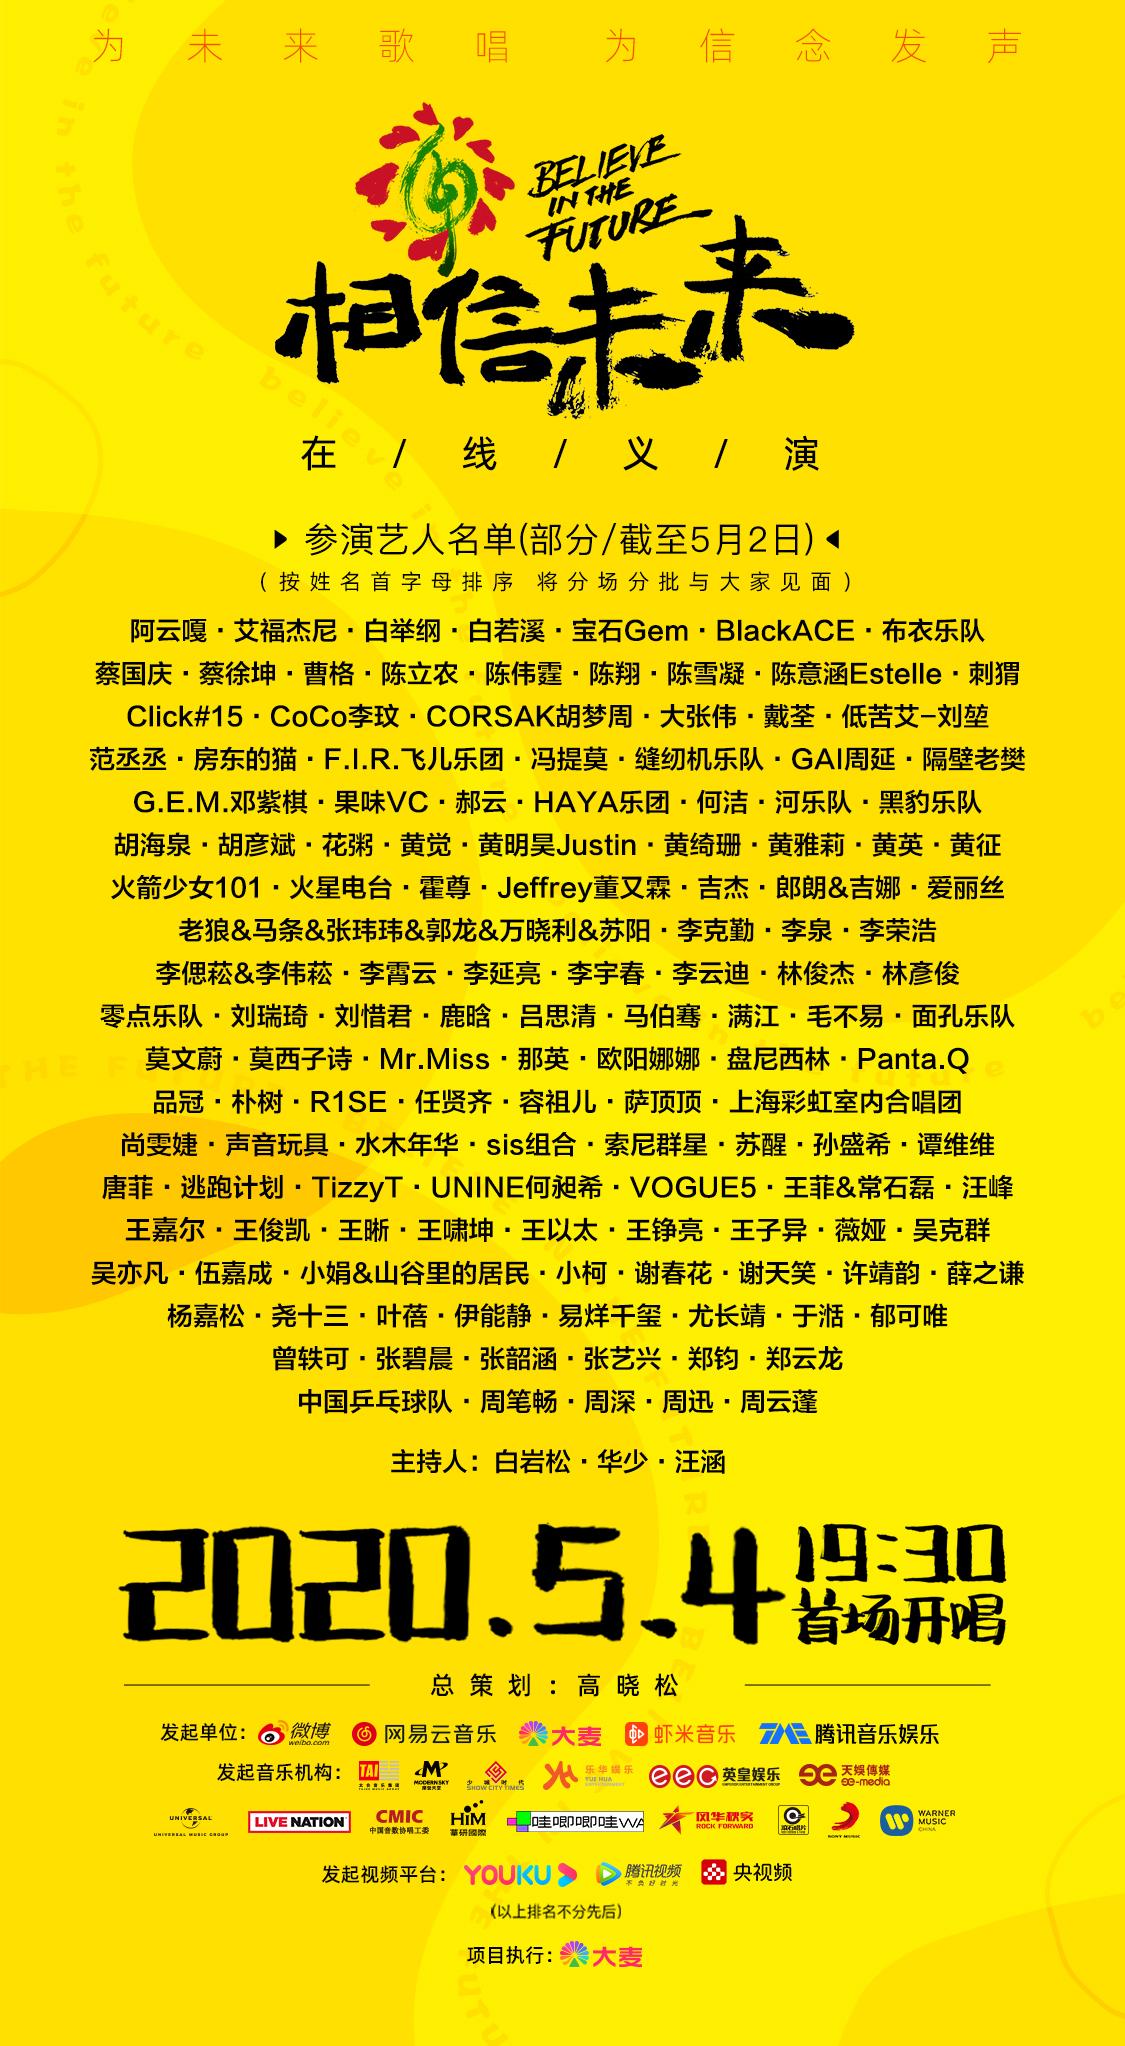 """大麦联合各大平台官宣""""相信未来""""义演:王菲老狼郎朗等百位音乐人亮相!5月4日首场!"""